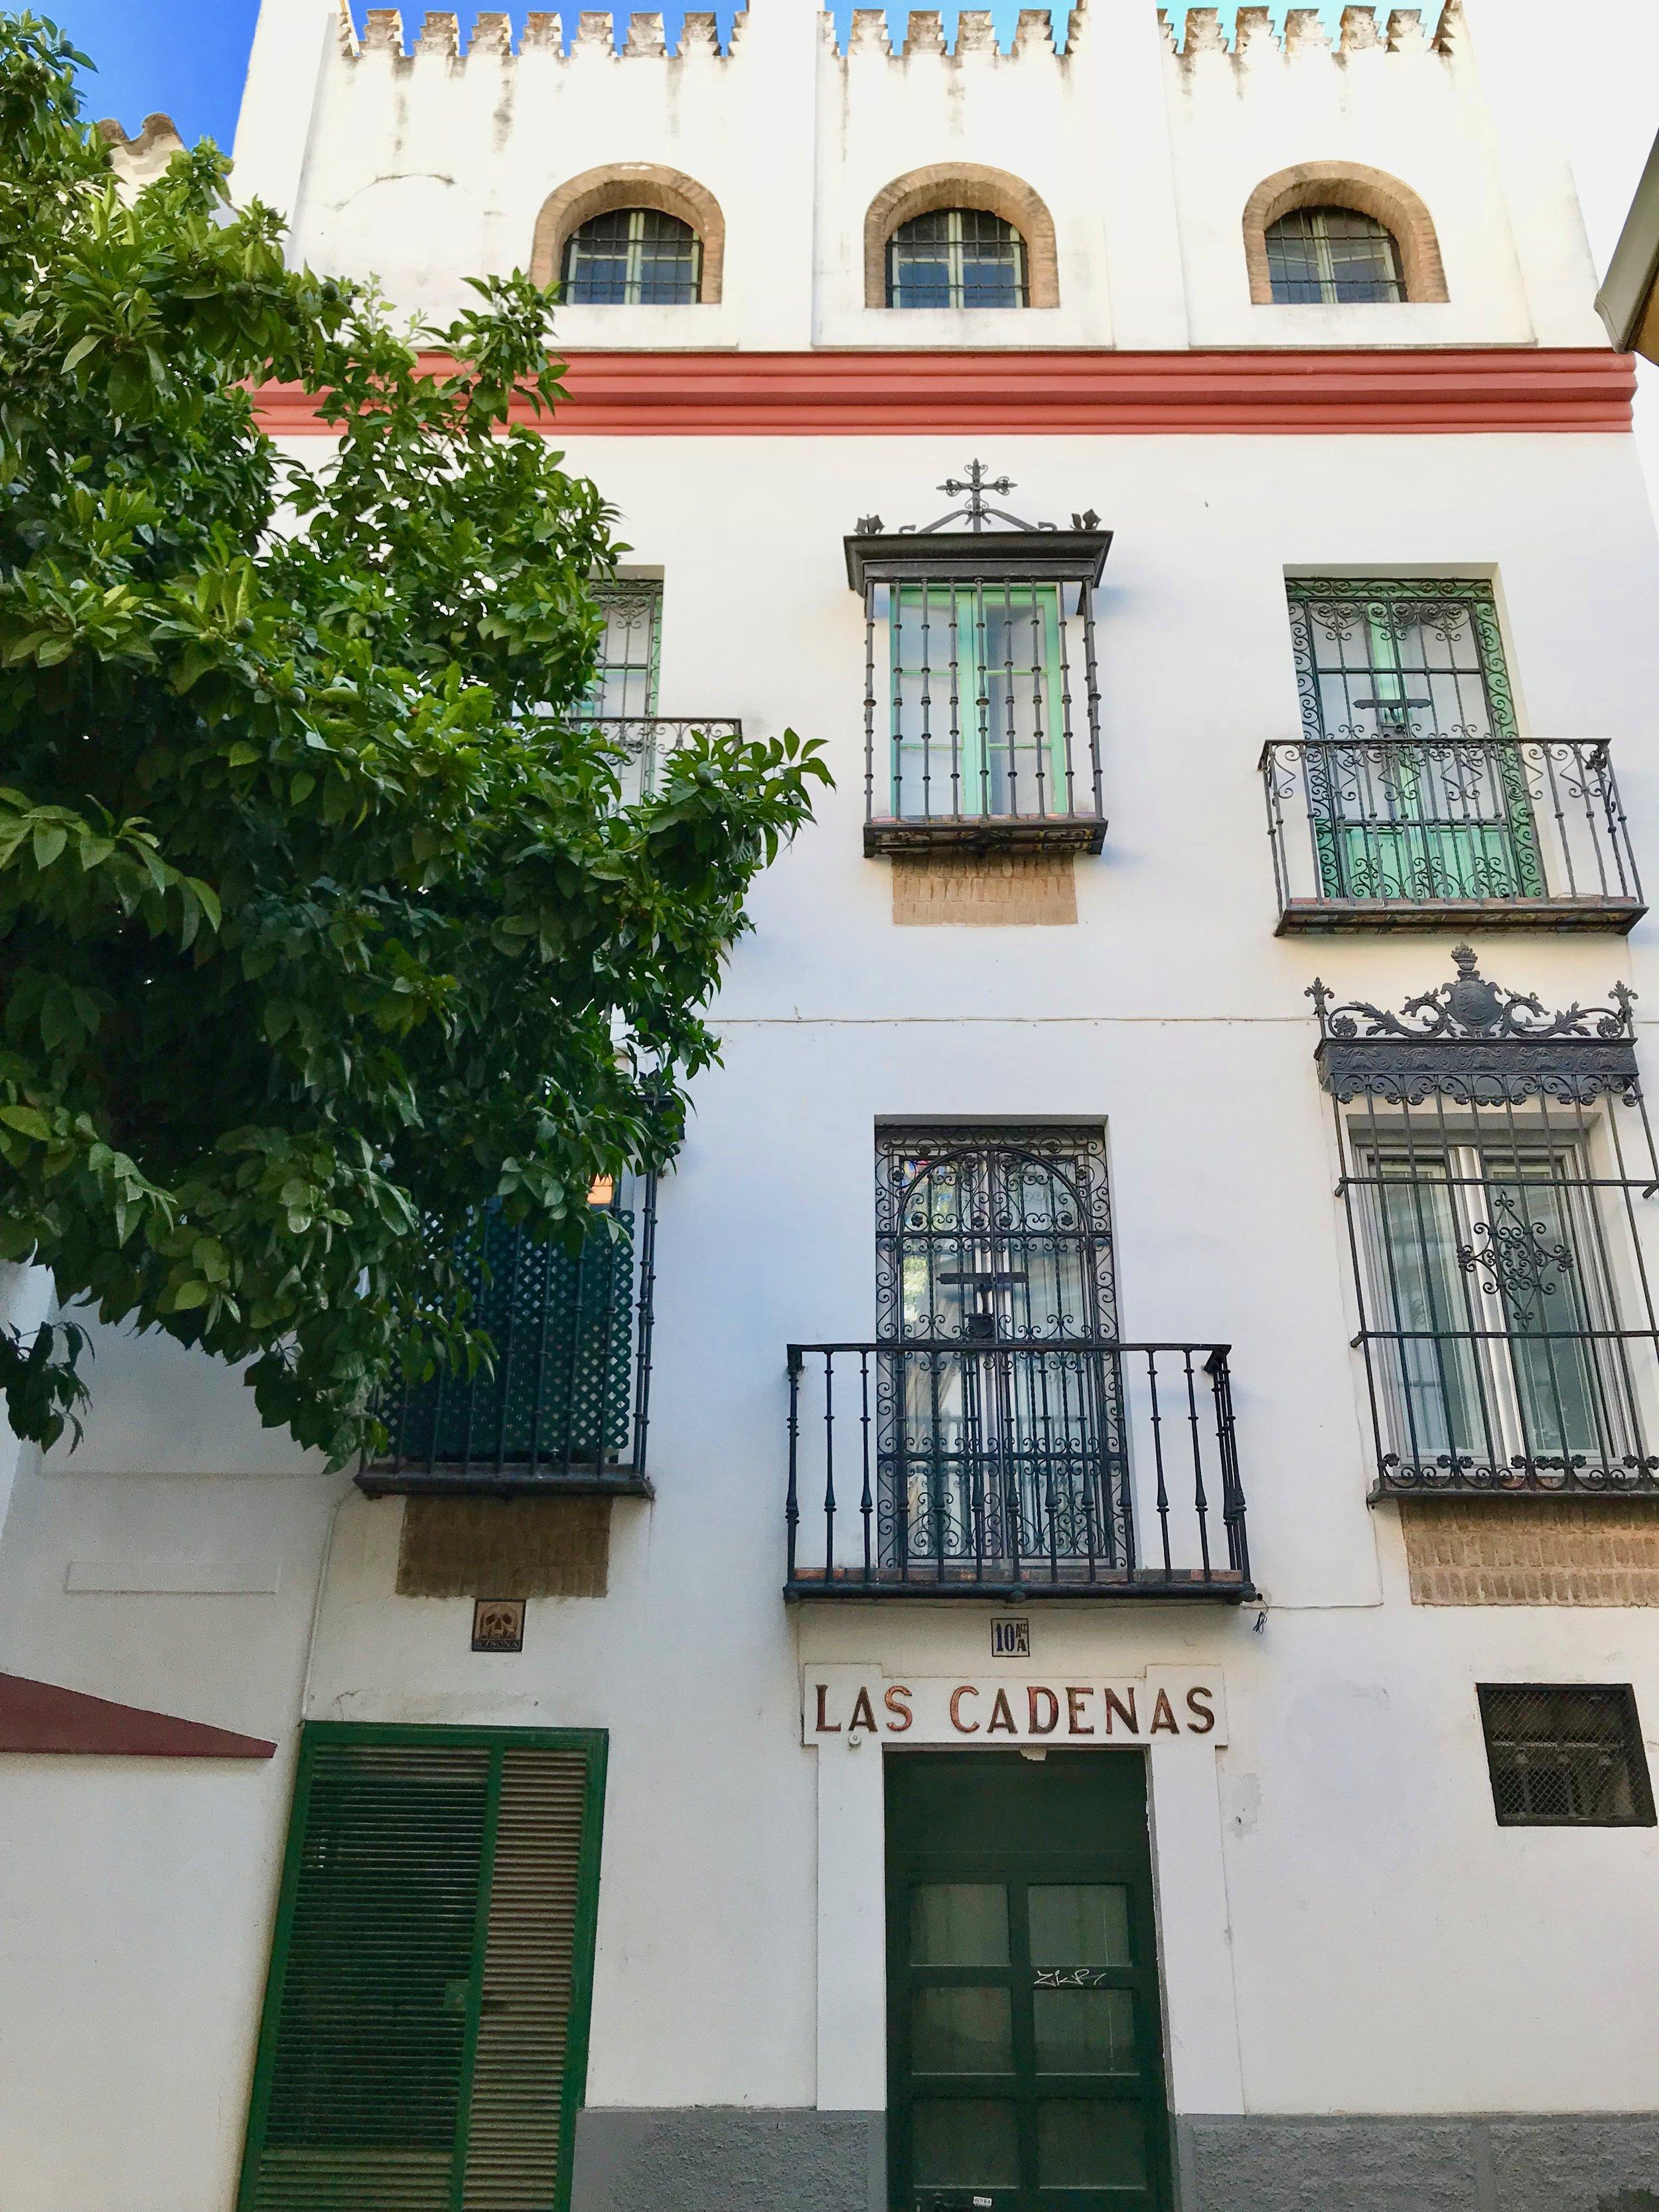 Susona's house and balcony.